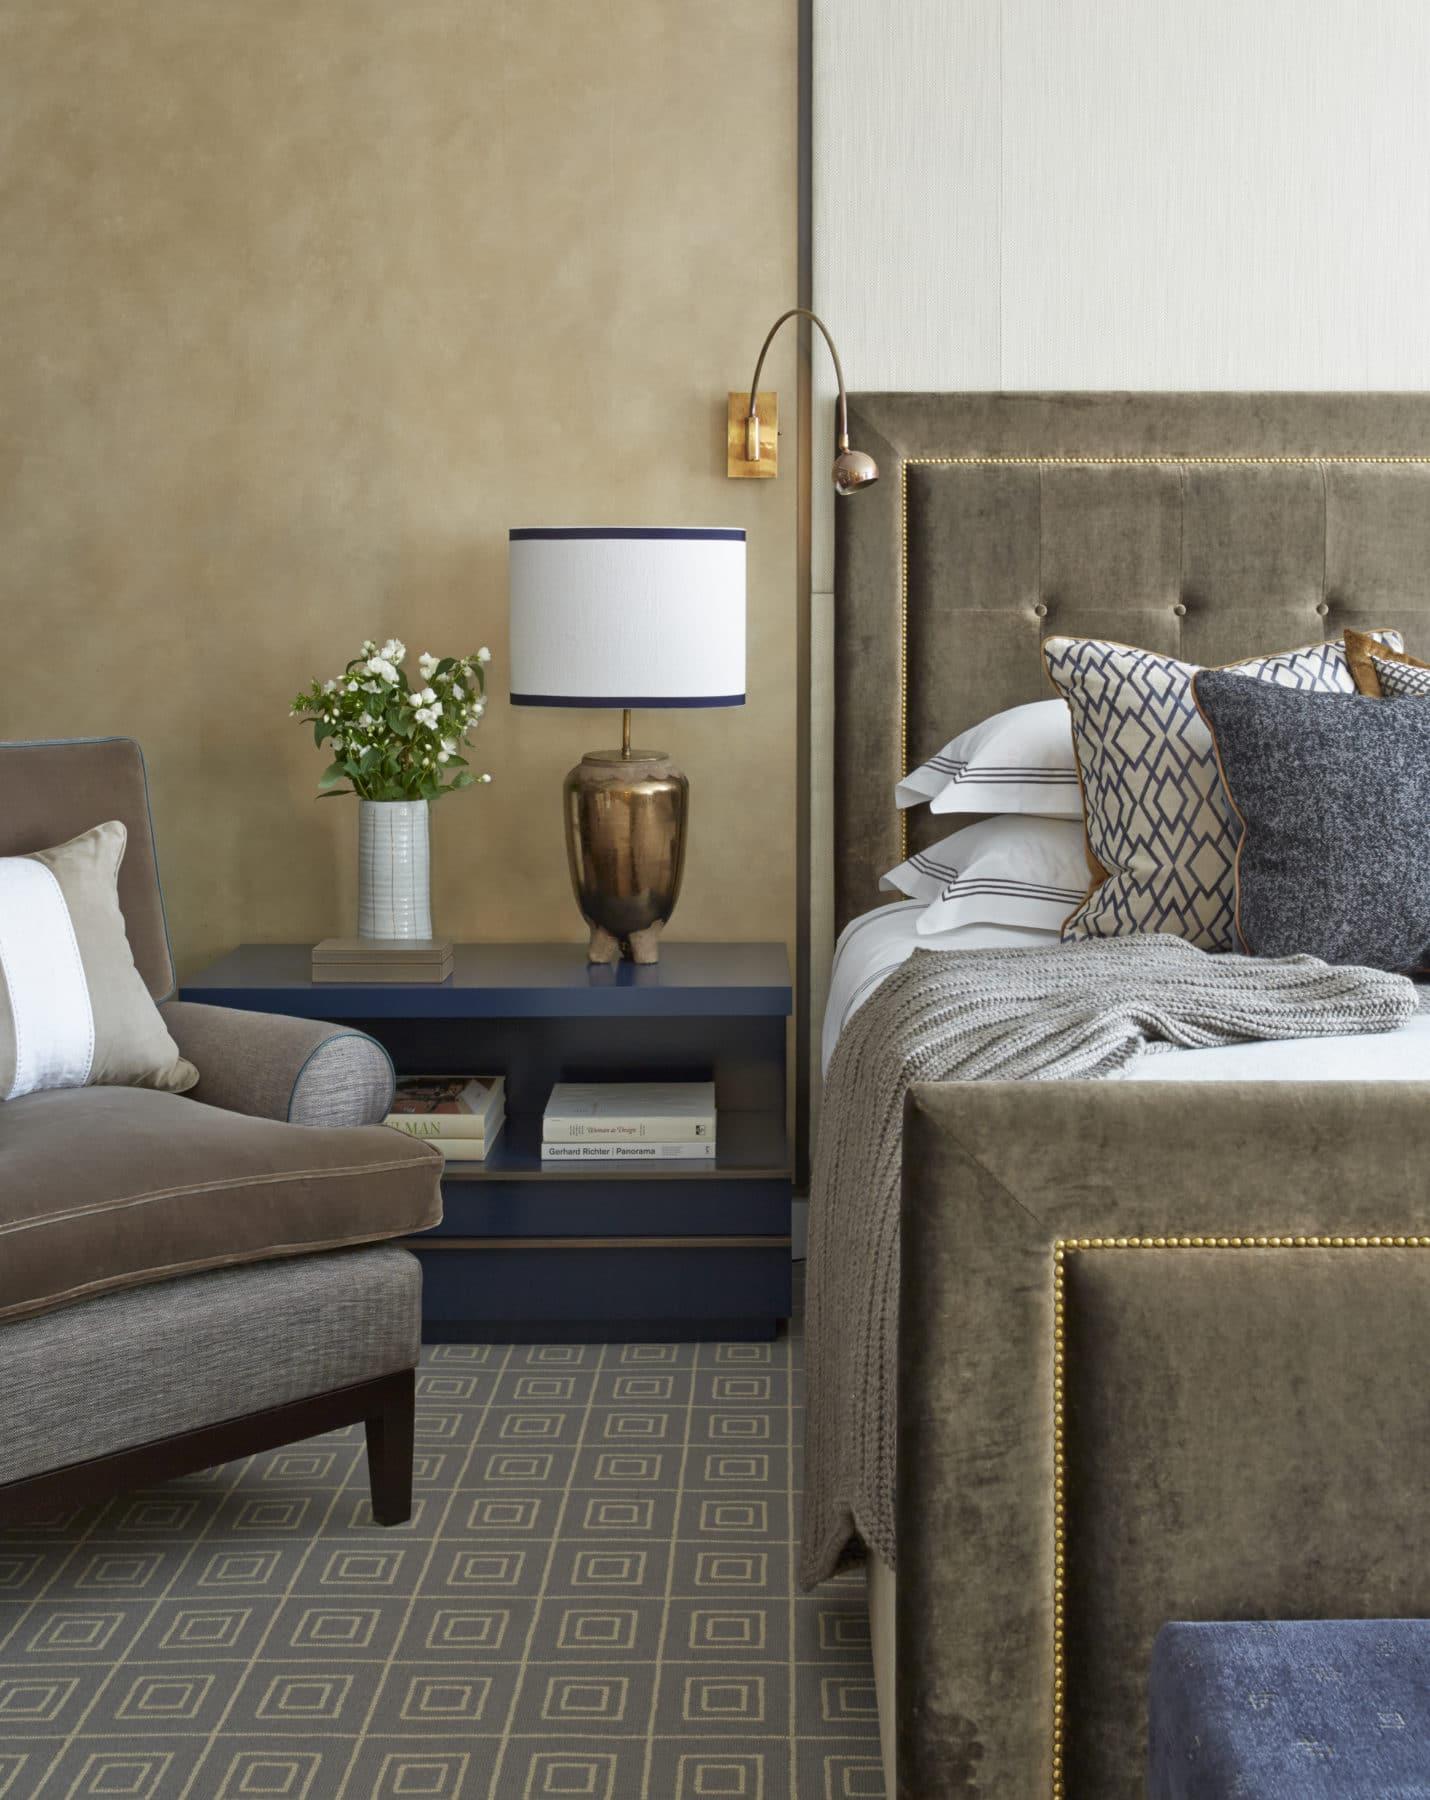 helen green design Helen Green Design: 10 Interior Design Projects 4 6